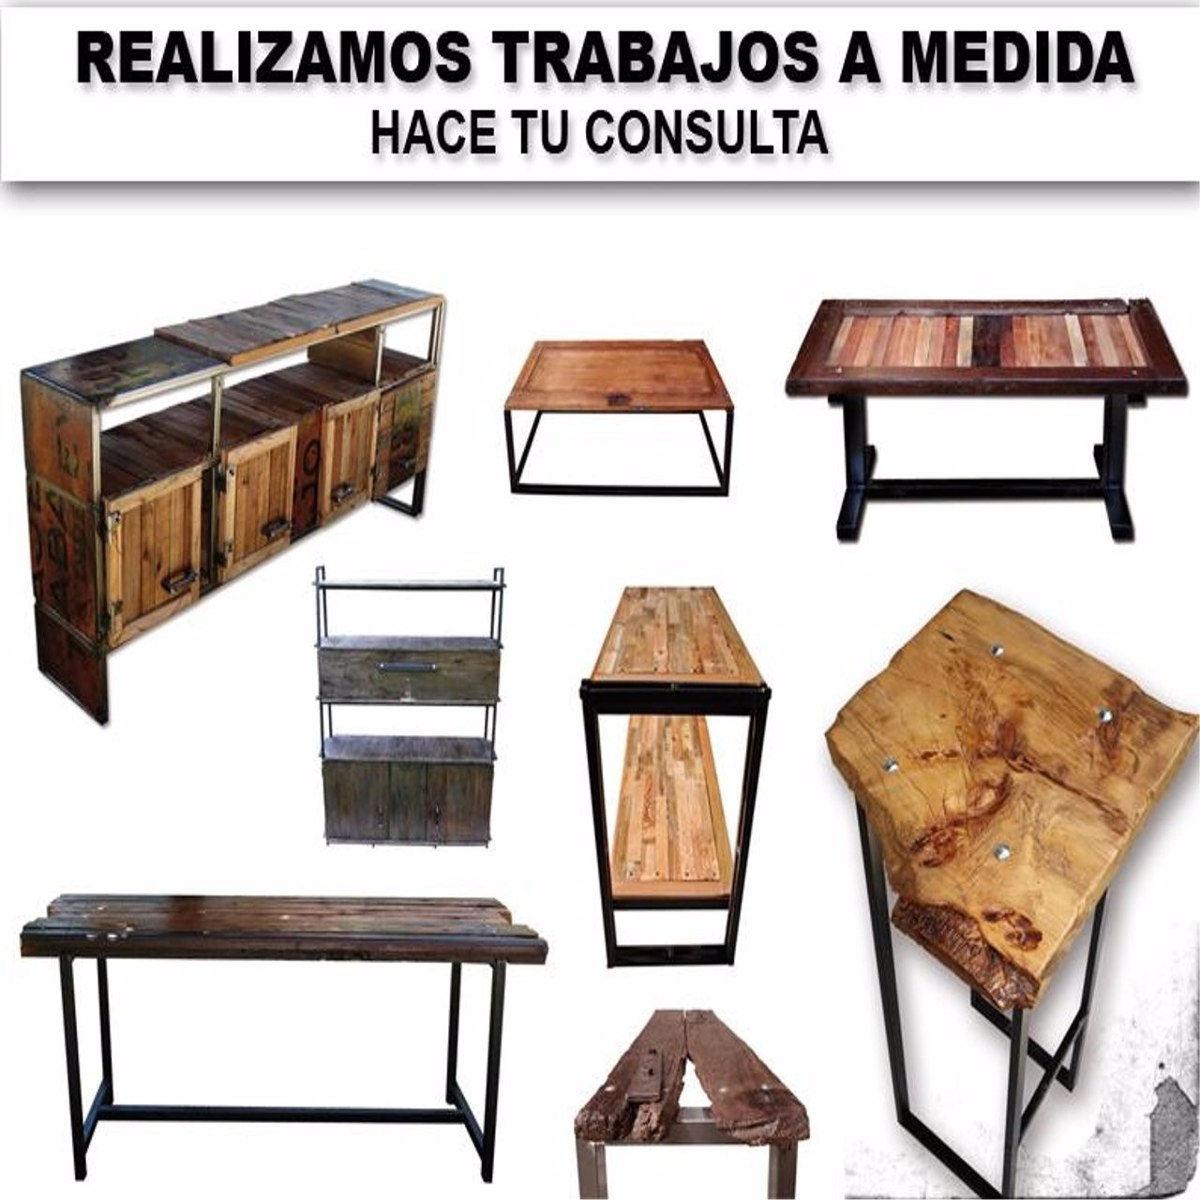 Rack de tv estilo industrial hierro y madera pallets for Mueble hierro y madera